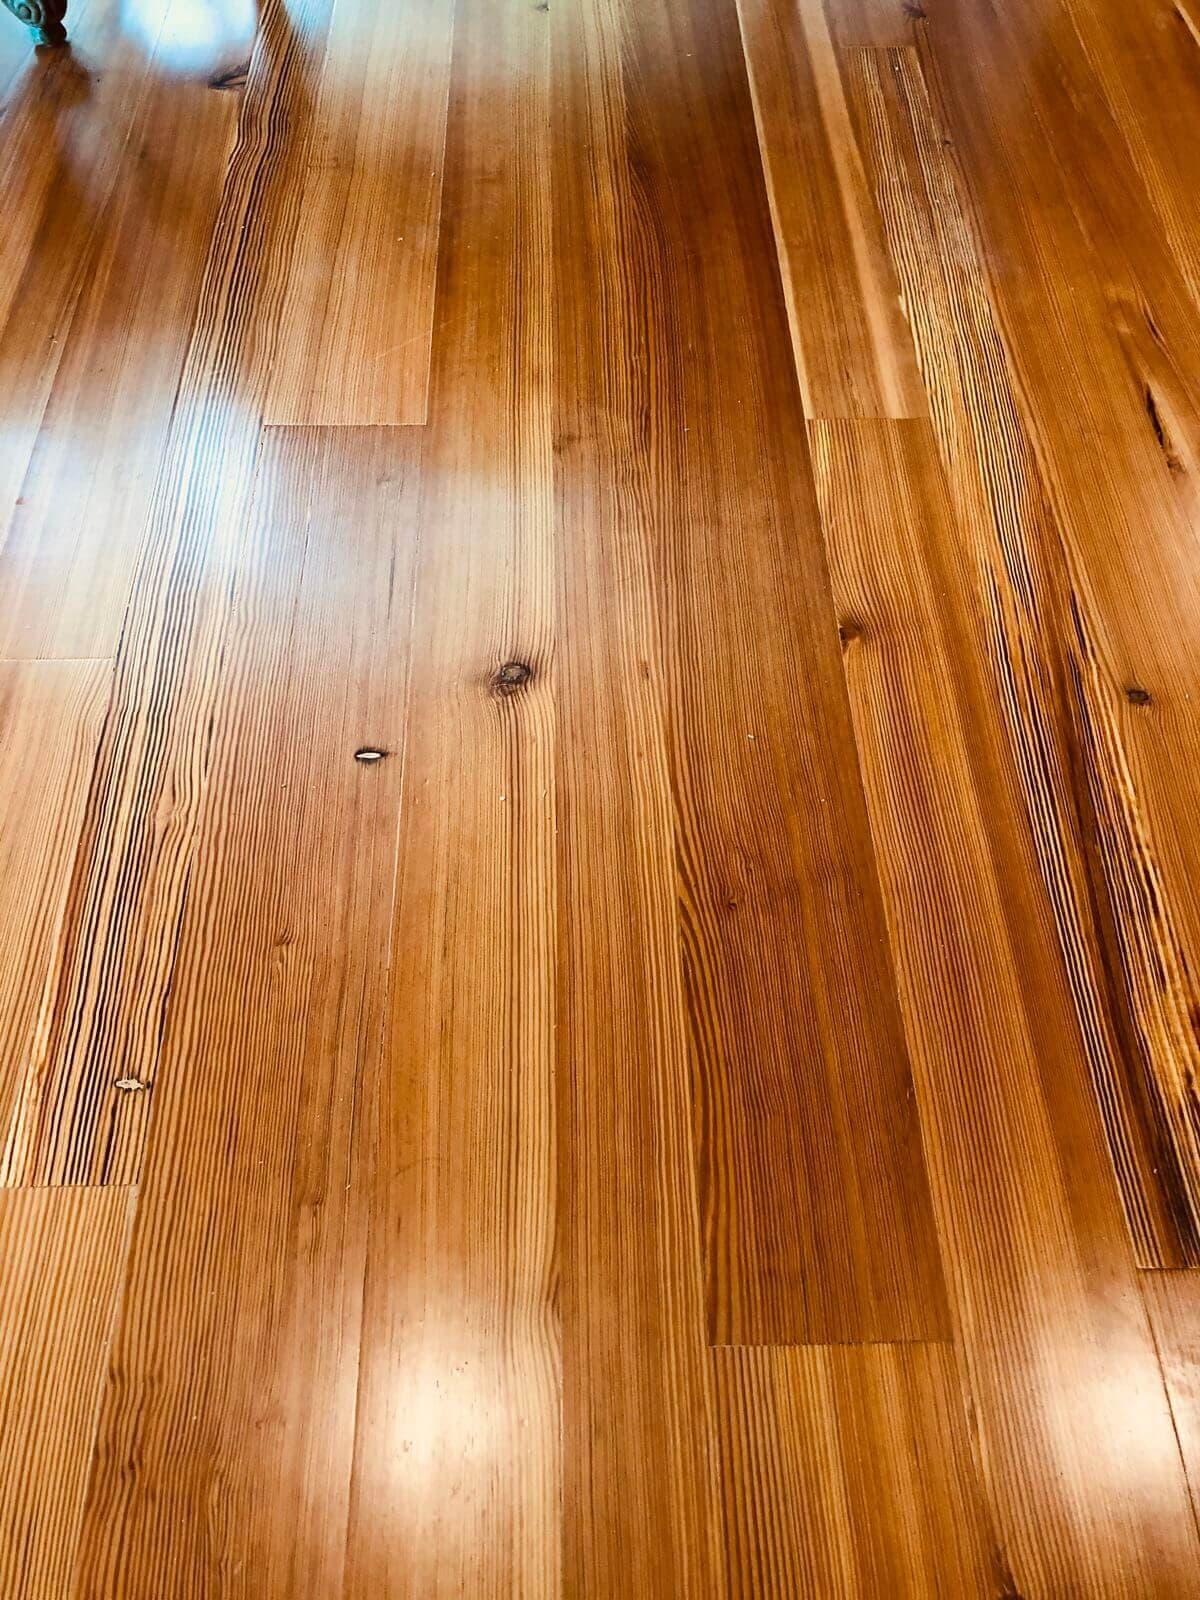 closeup of heart pine vertical grain floor boards